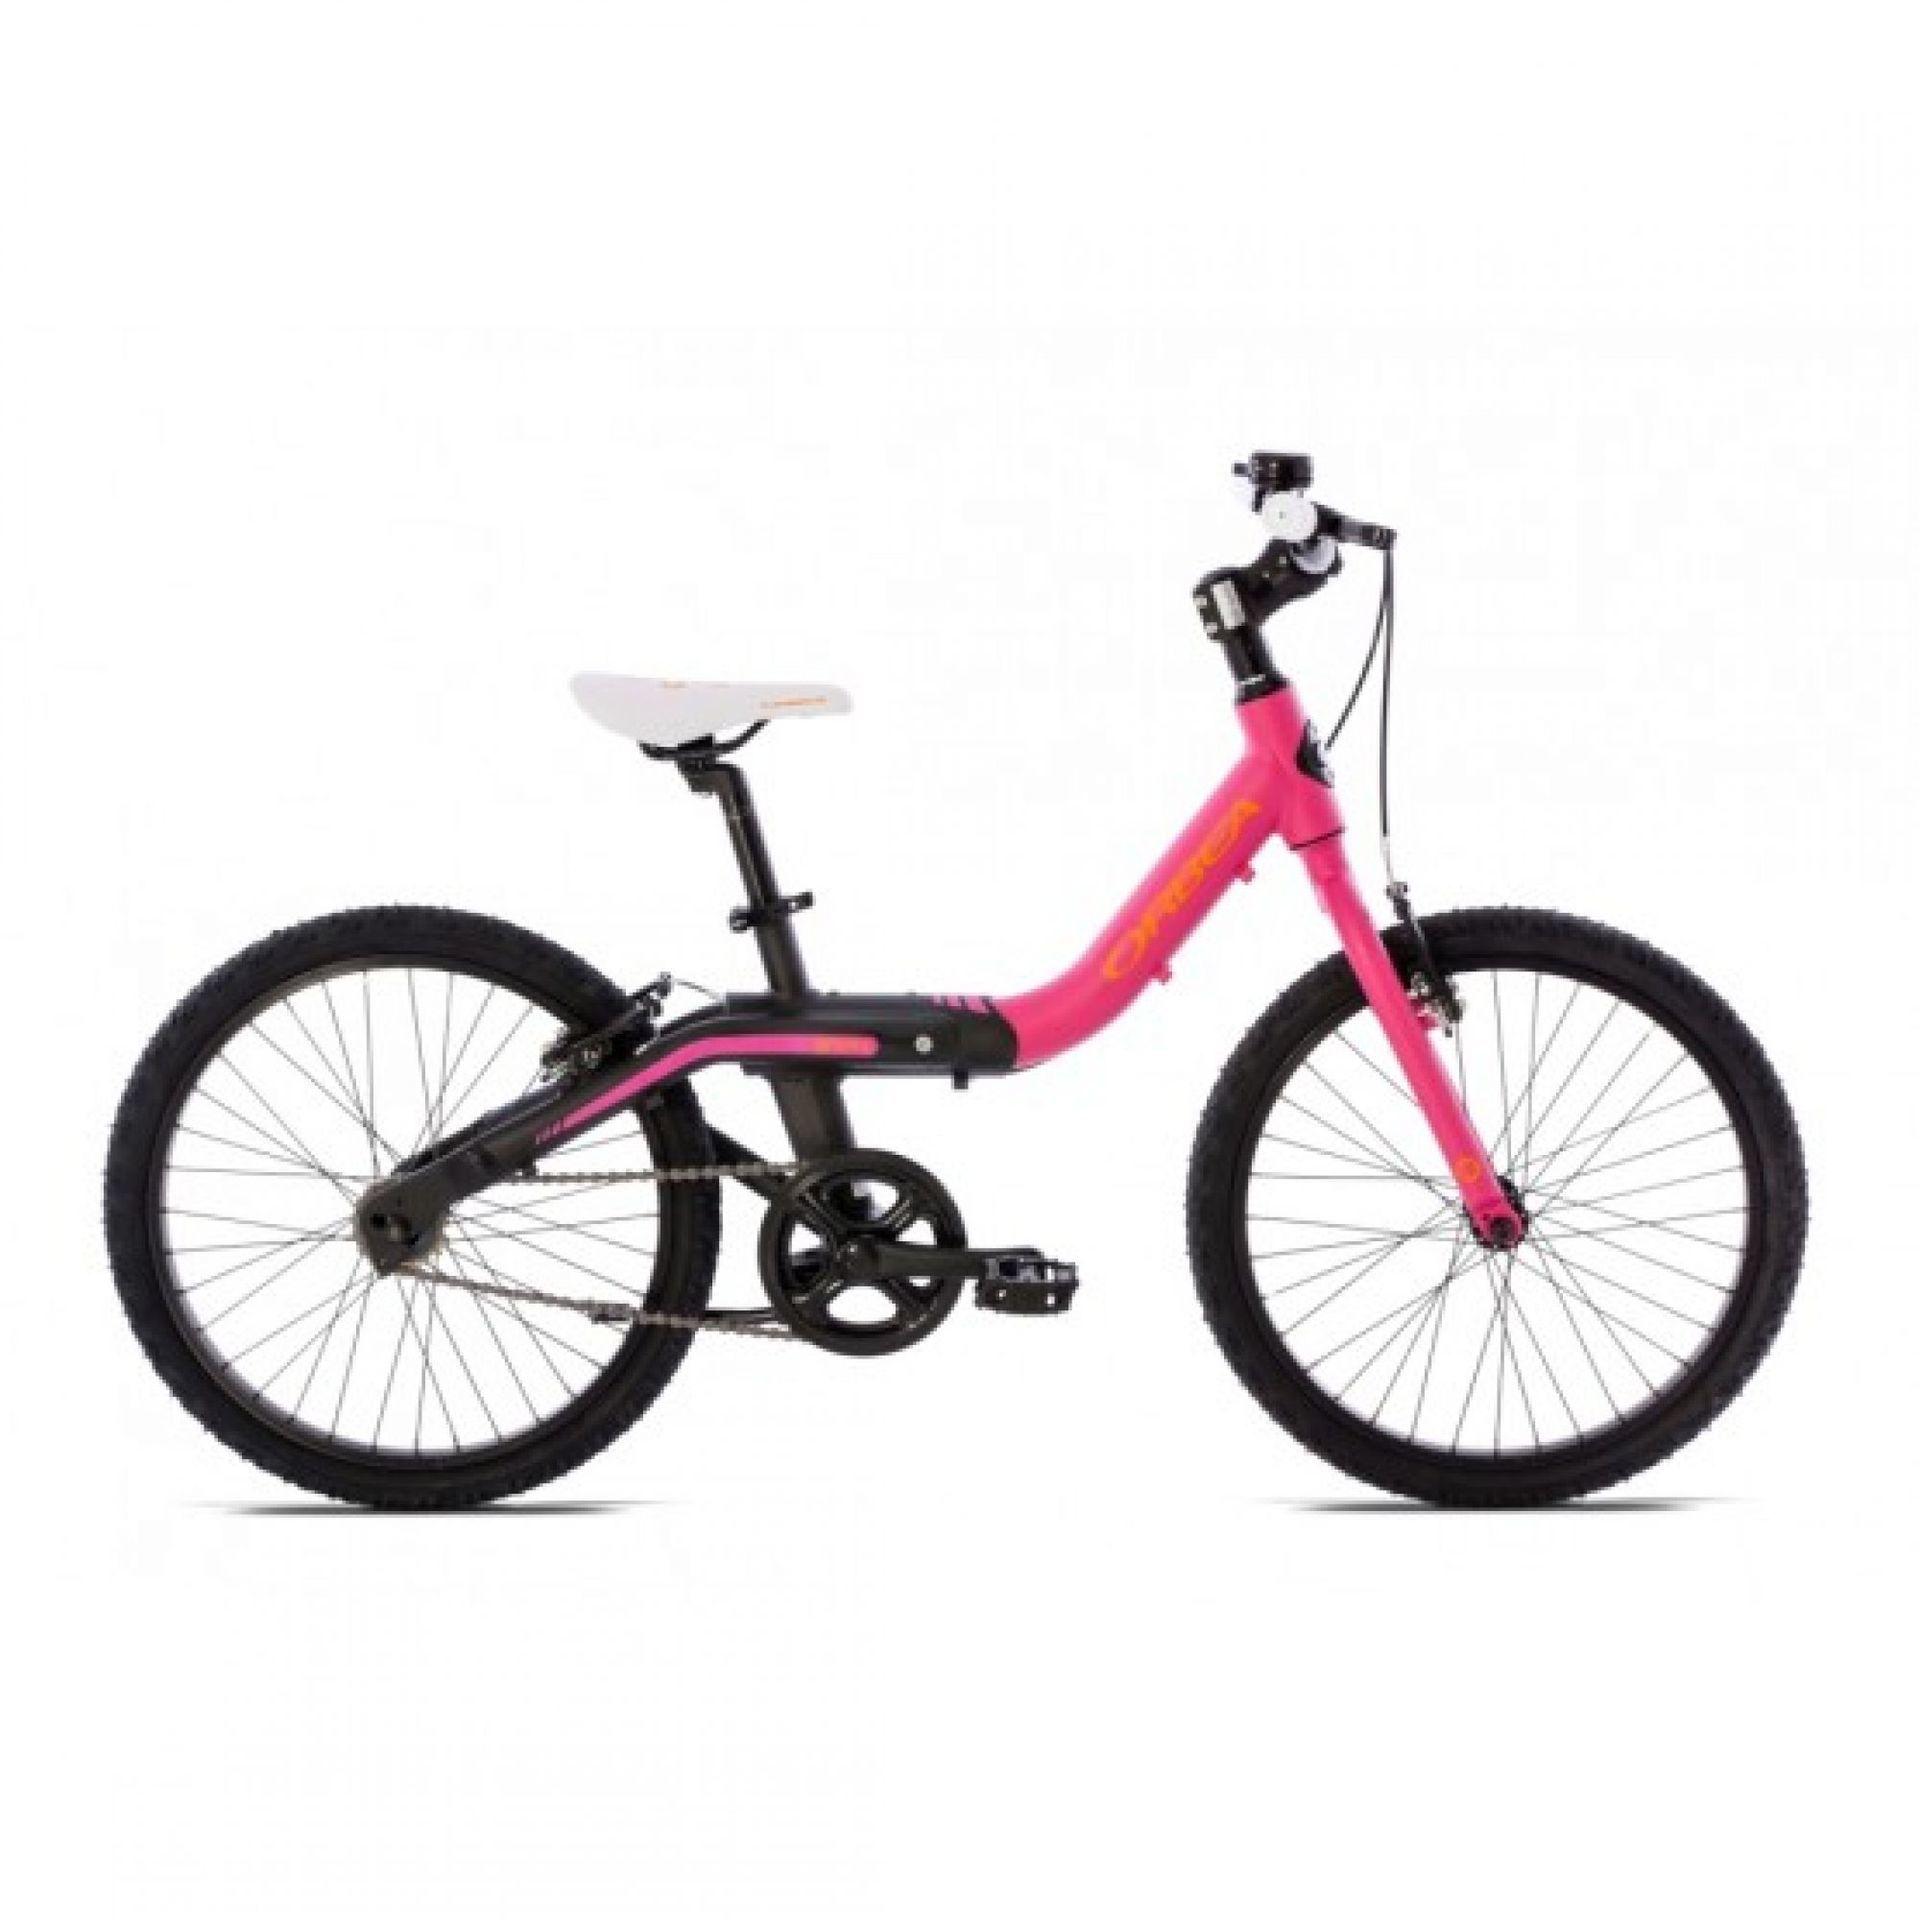 Rower Orbea Grow 2 czarny|różowy